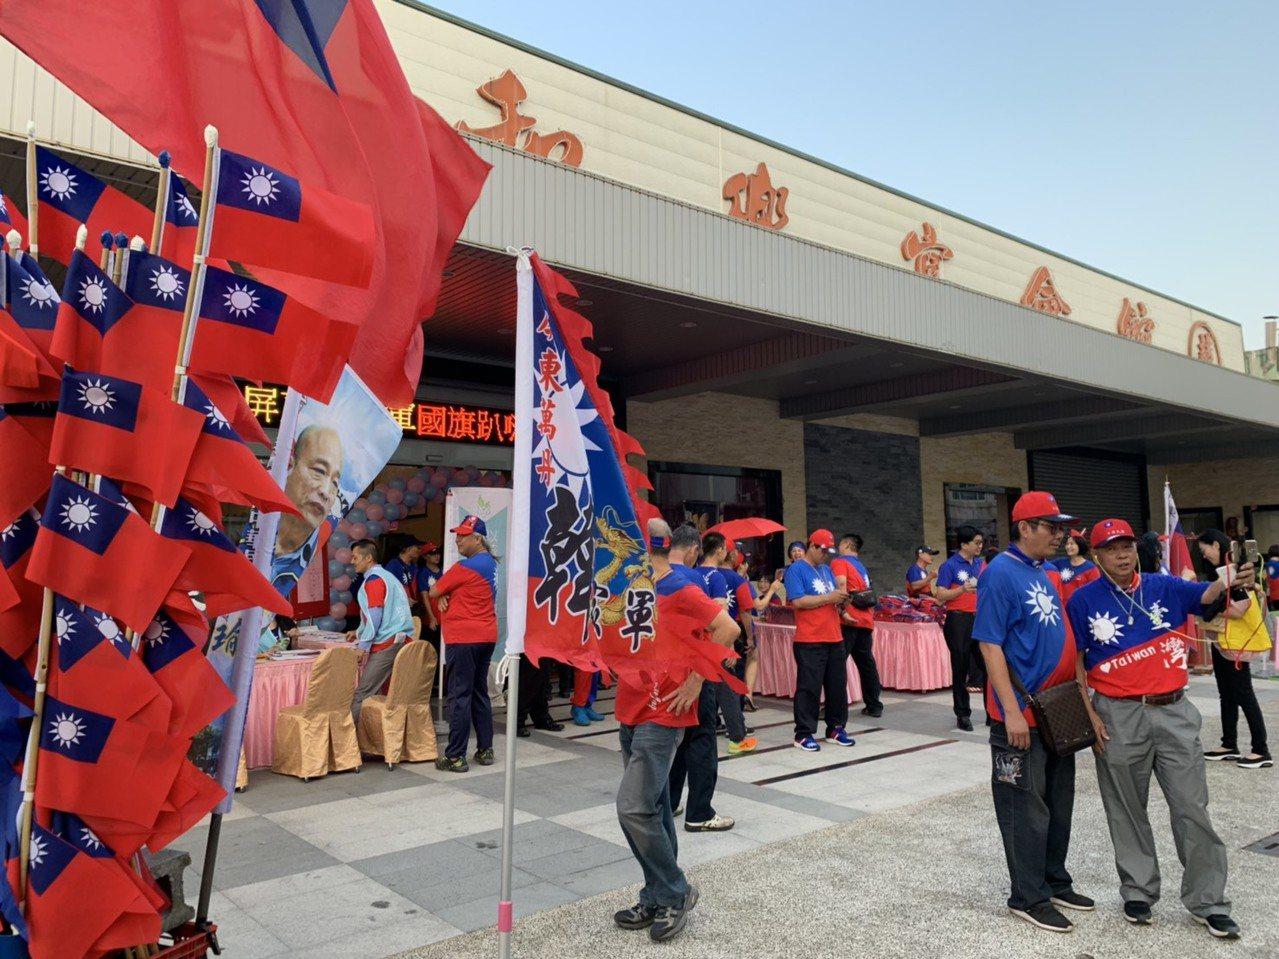 為了明天韓國瑜的屏東行,韓家軍今天傍晚起總動員凝聚士氣,出席者一律穿國旗裝,現場...